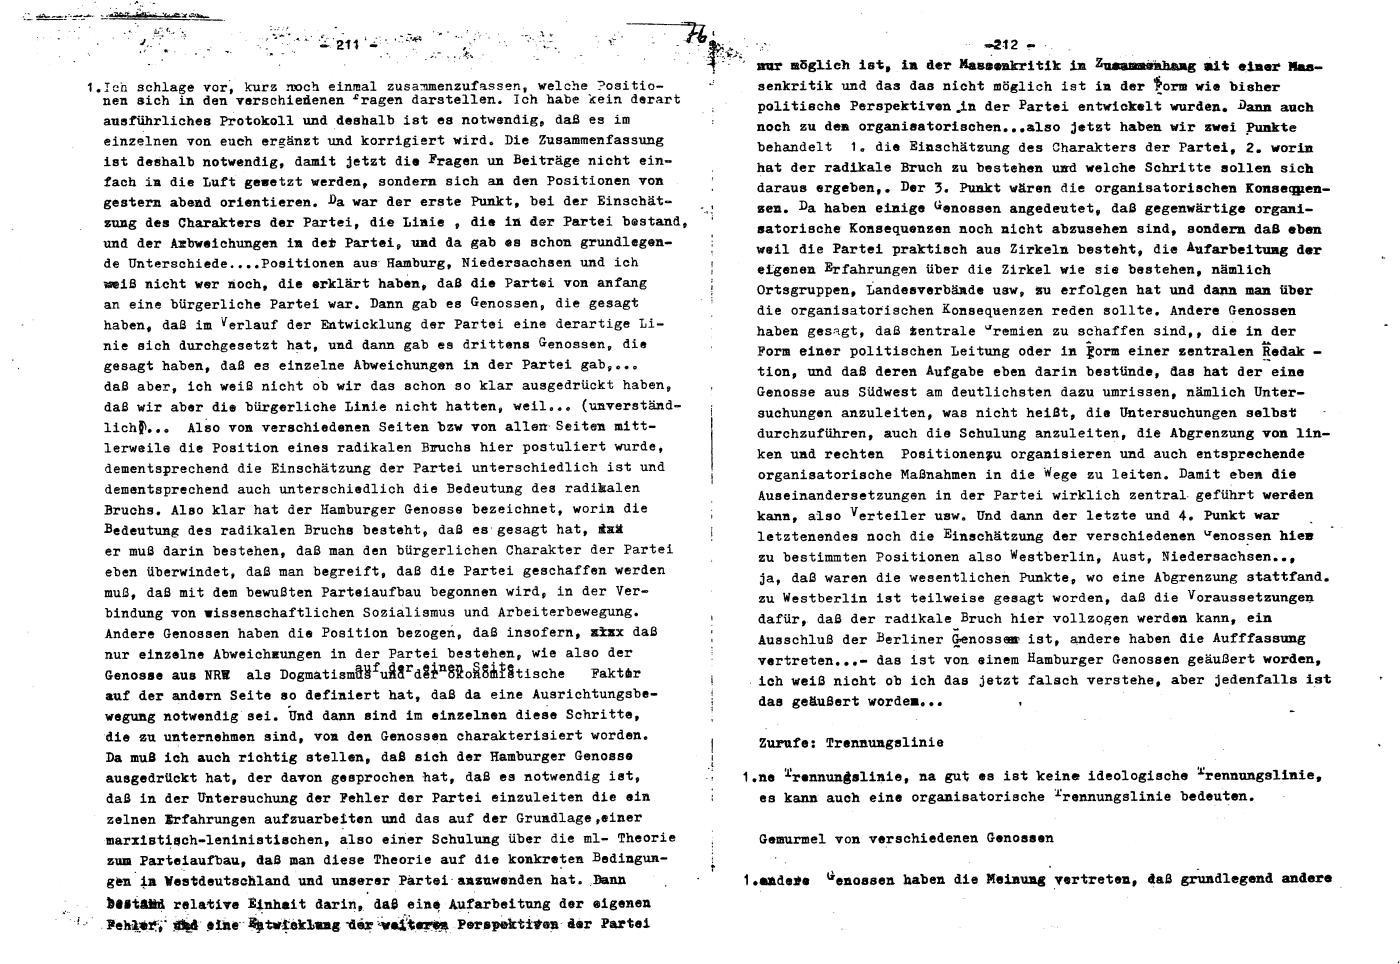 KPDML_1971_Wortprotokolle_aoPt_082